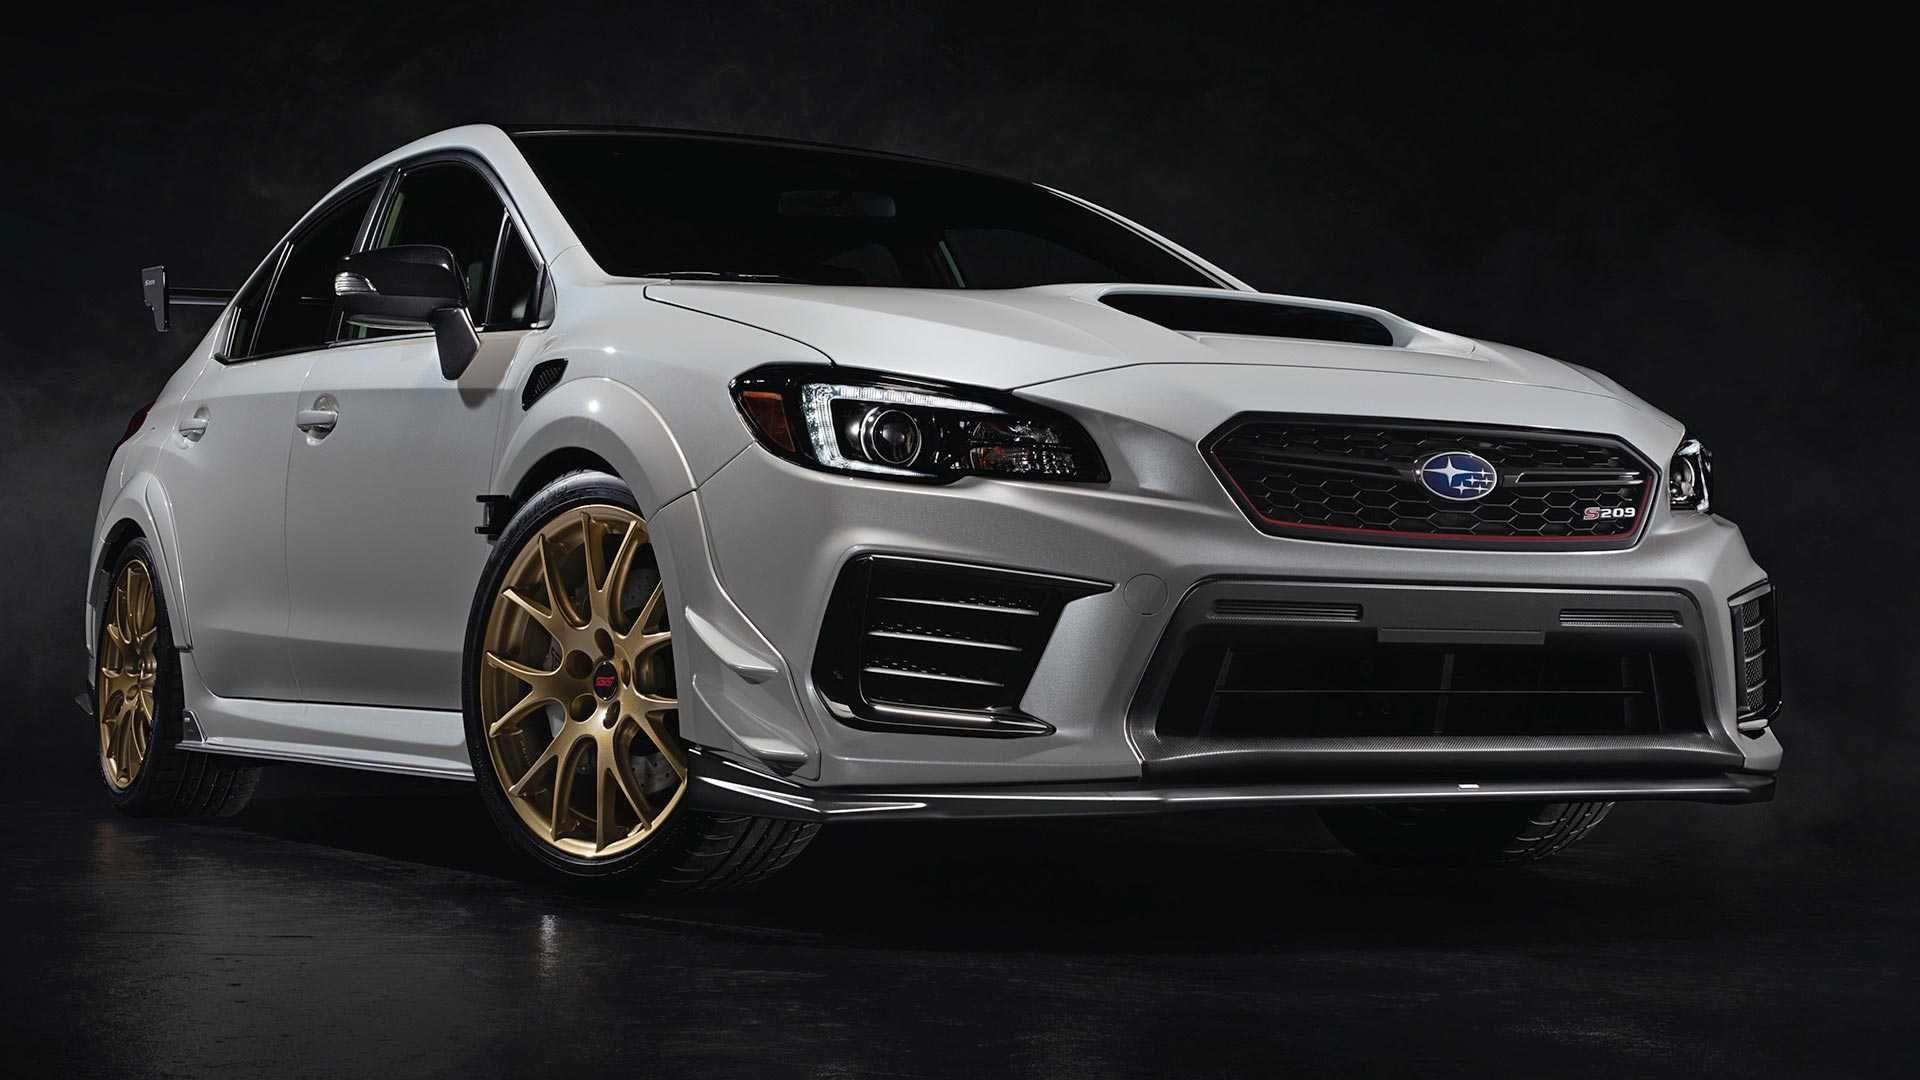 強中之強!限量版Subaru WRX STI S209正式發表!